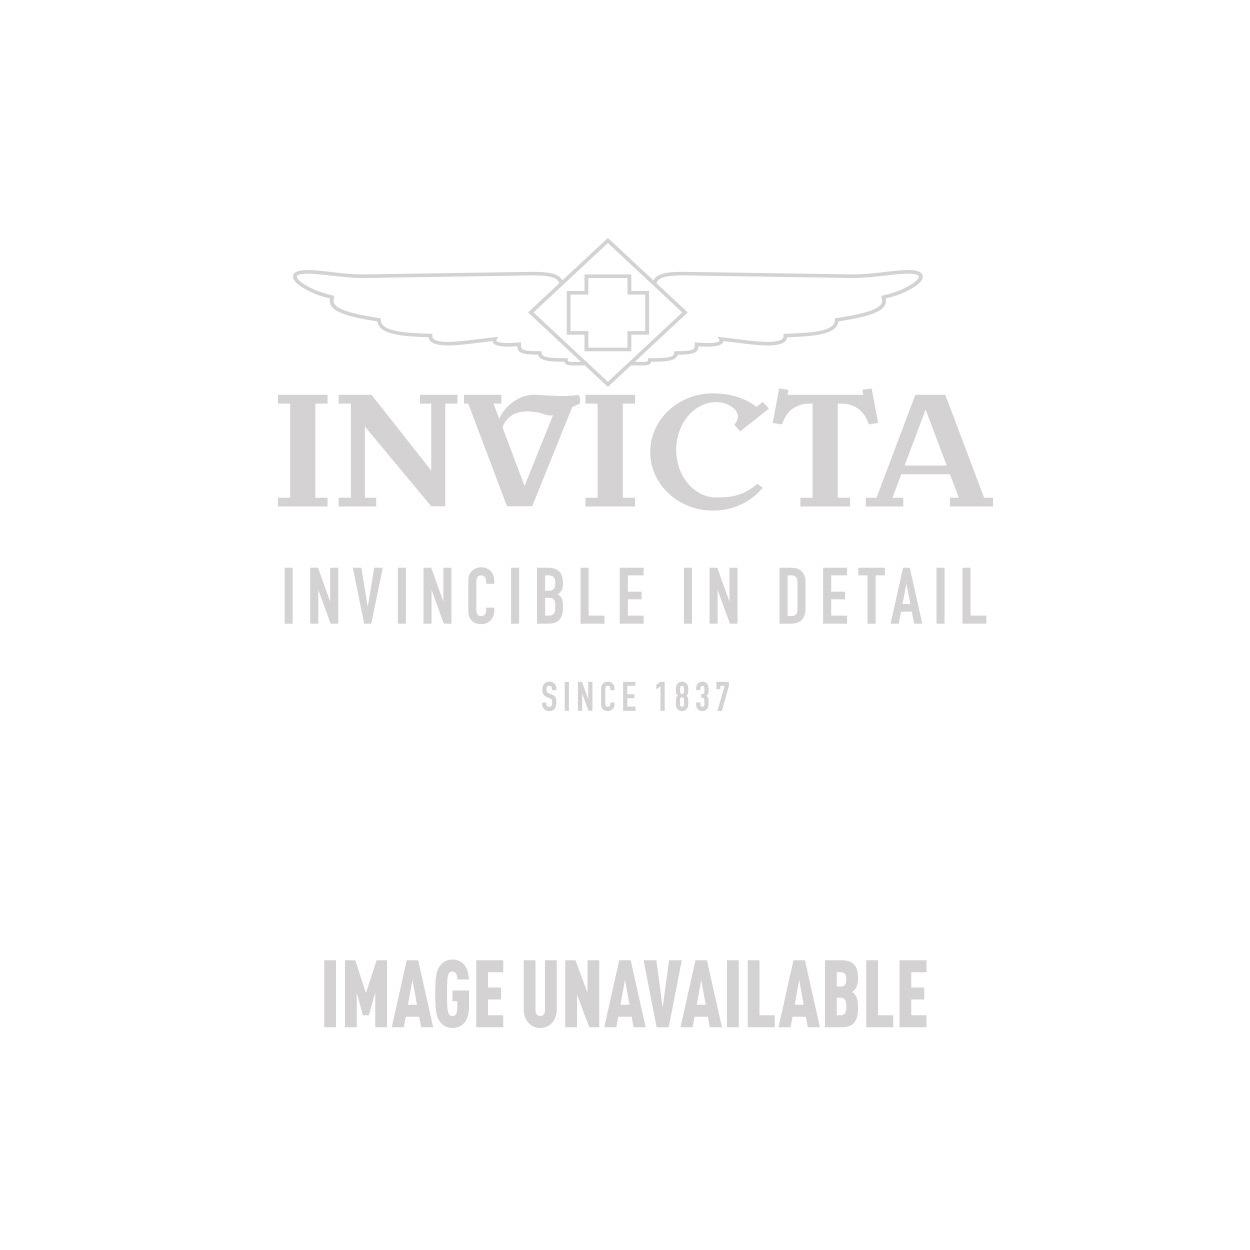 Invicta Model 27652